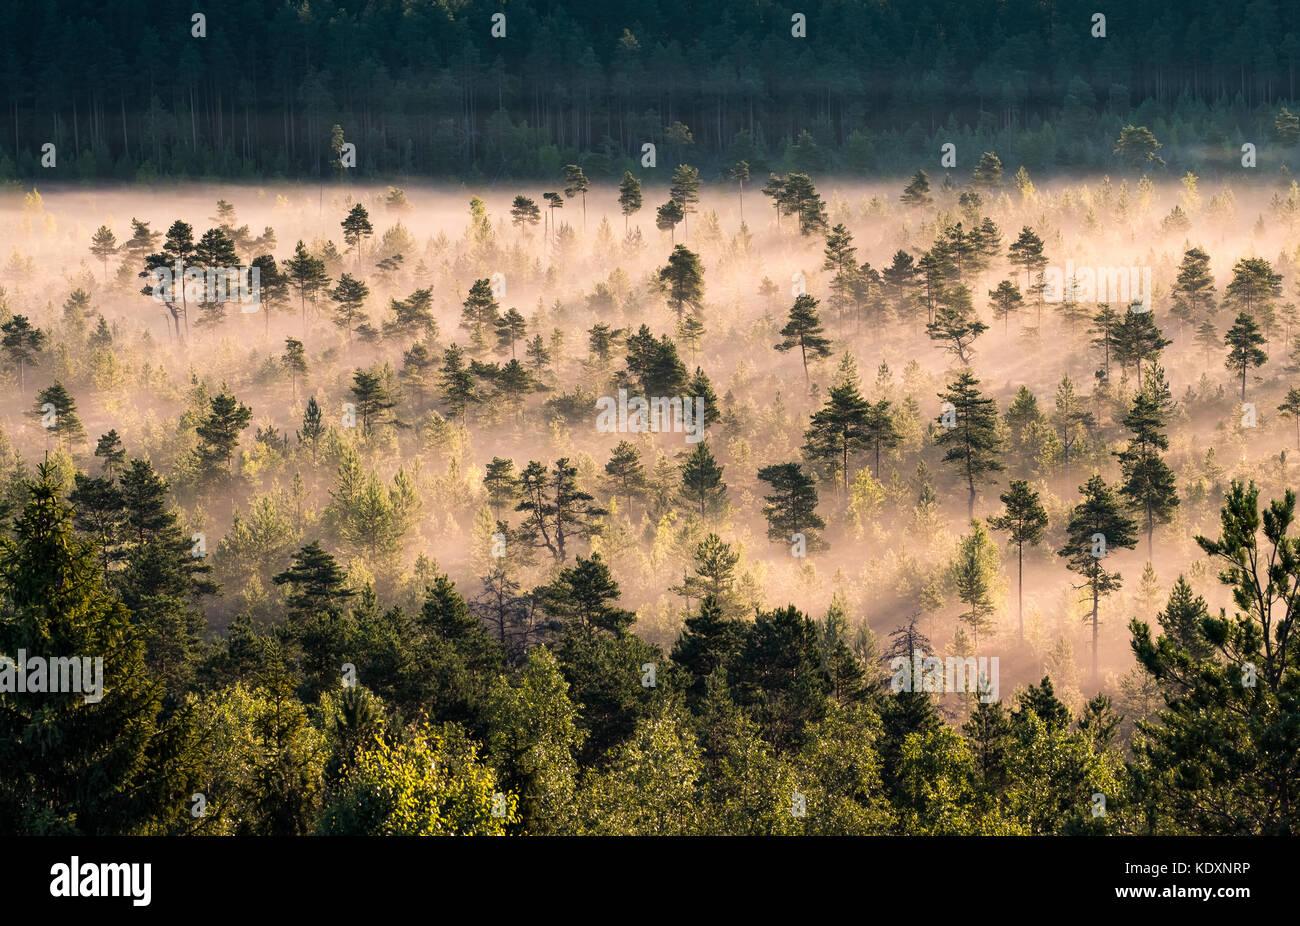 Niebla matutina y el amanecer en el parque nacional torronsuo, Finlandia Imagen De Stock